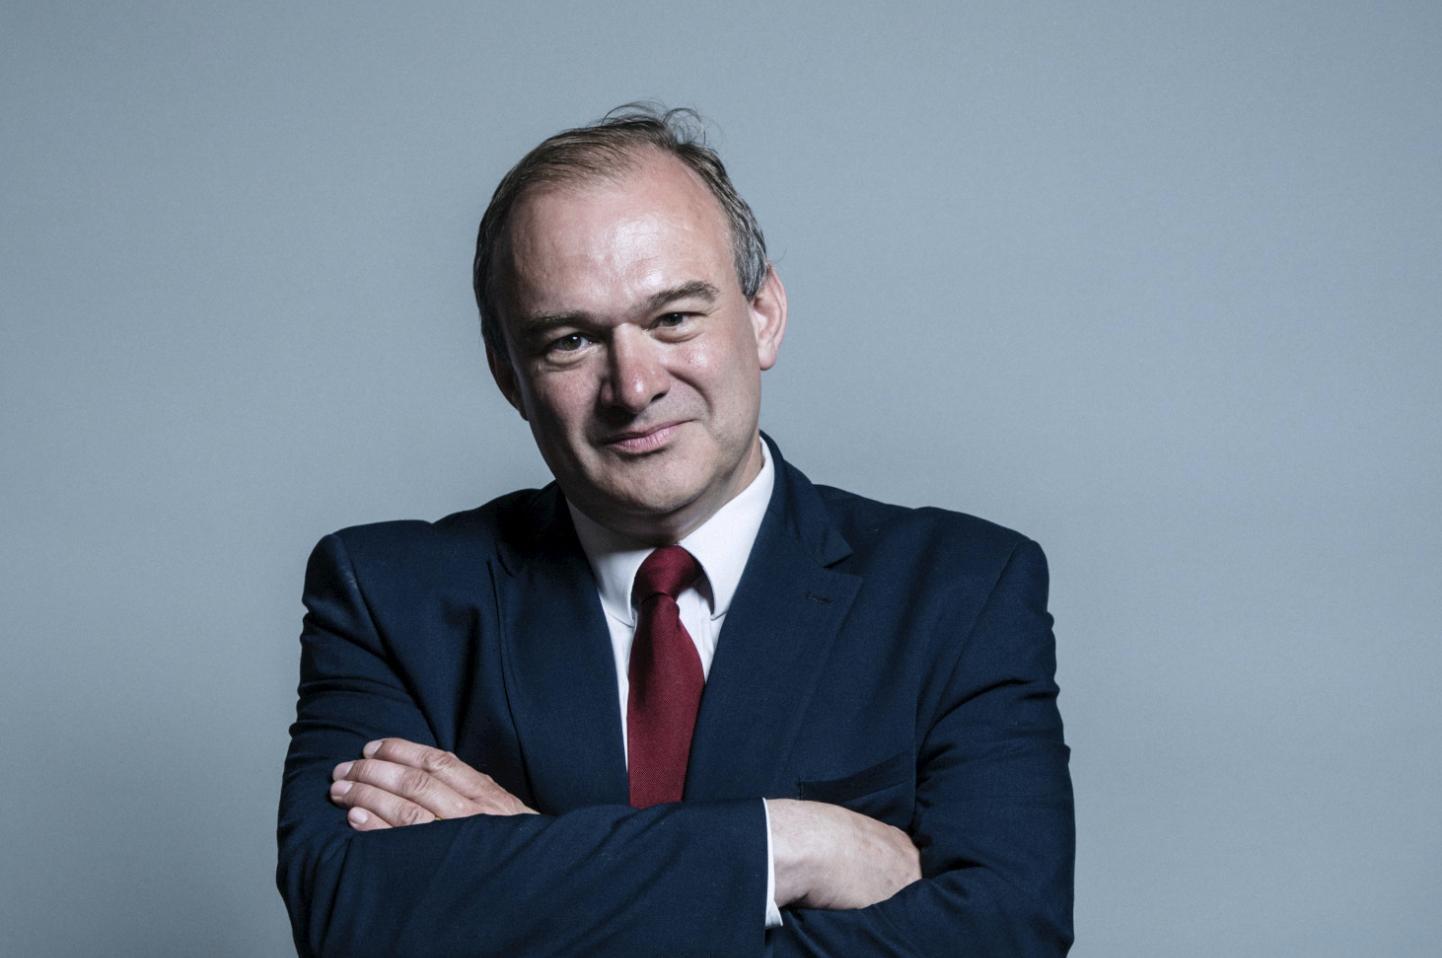 英格蘭選區議員愛德華‧戴維(Edward Davey)來信支持法輪功學員的和平抗議。(圖片來源:英國國會網頁)